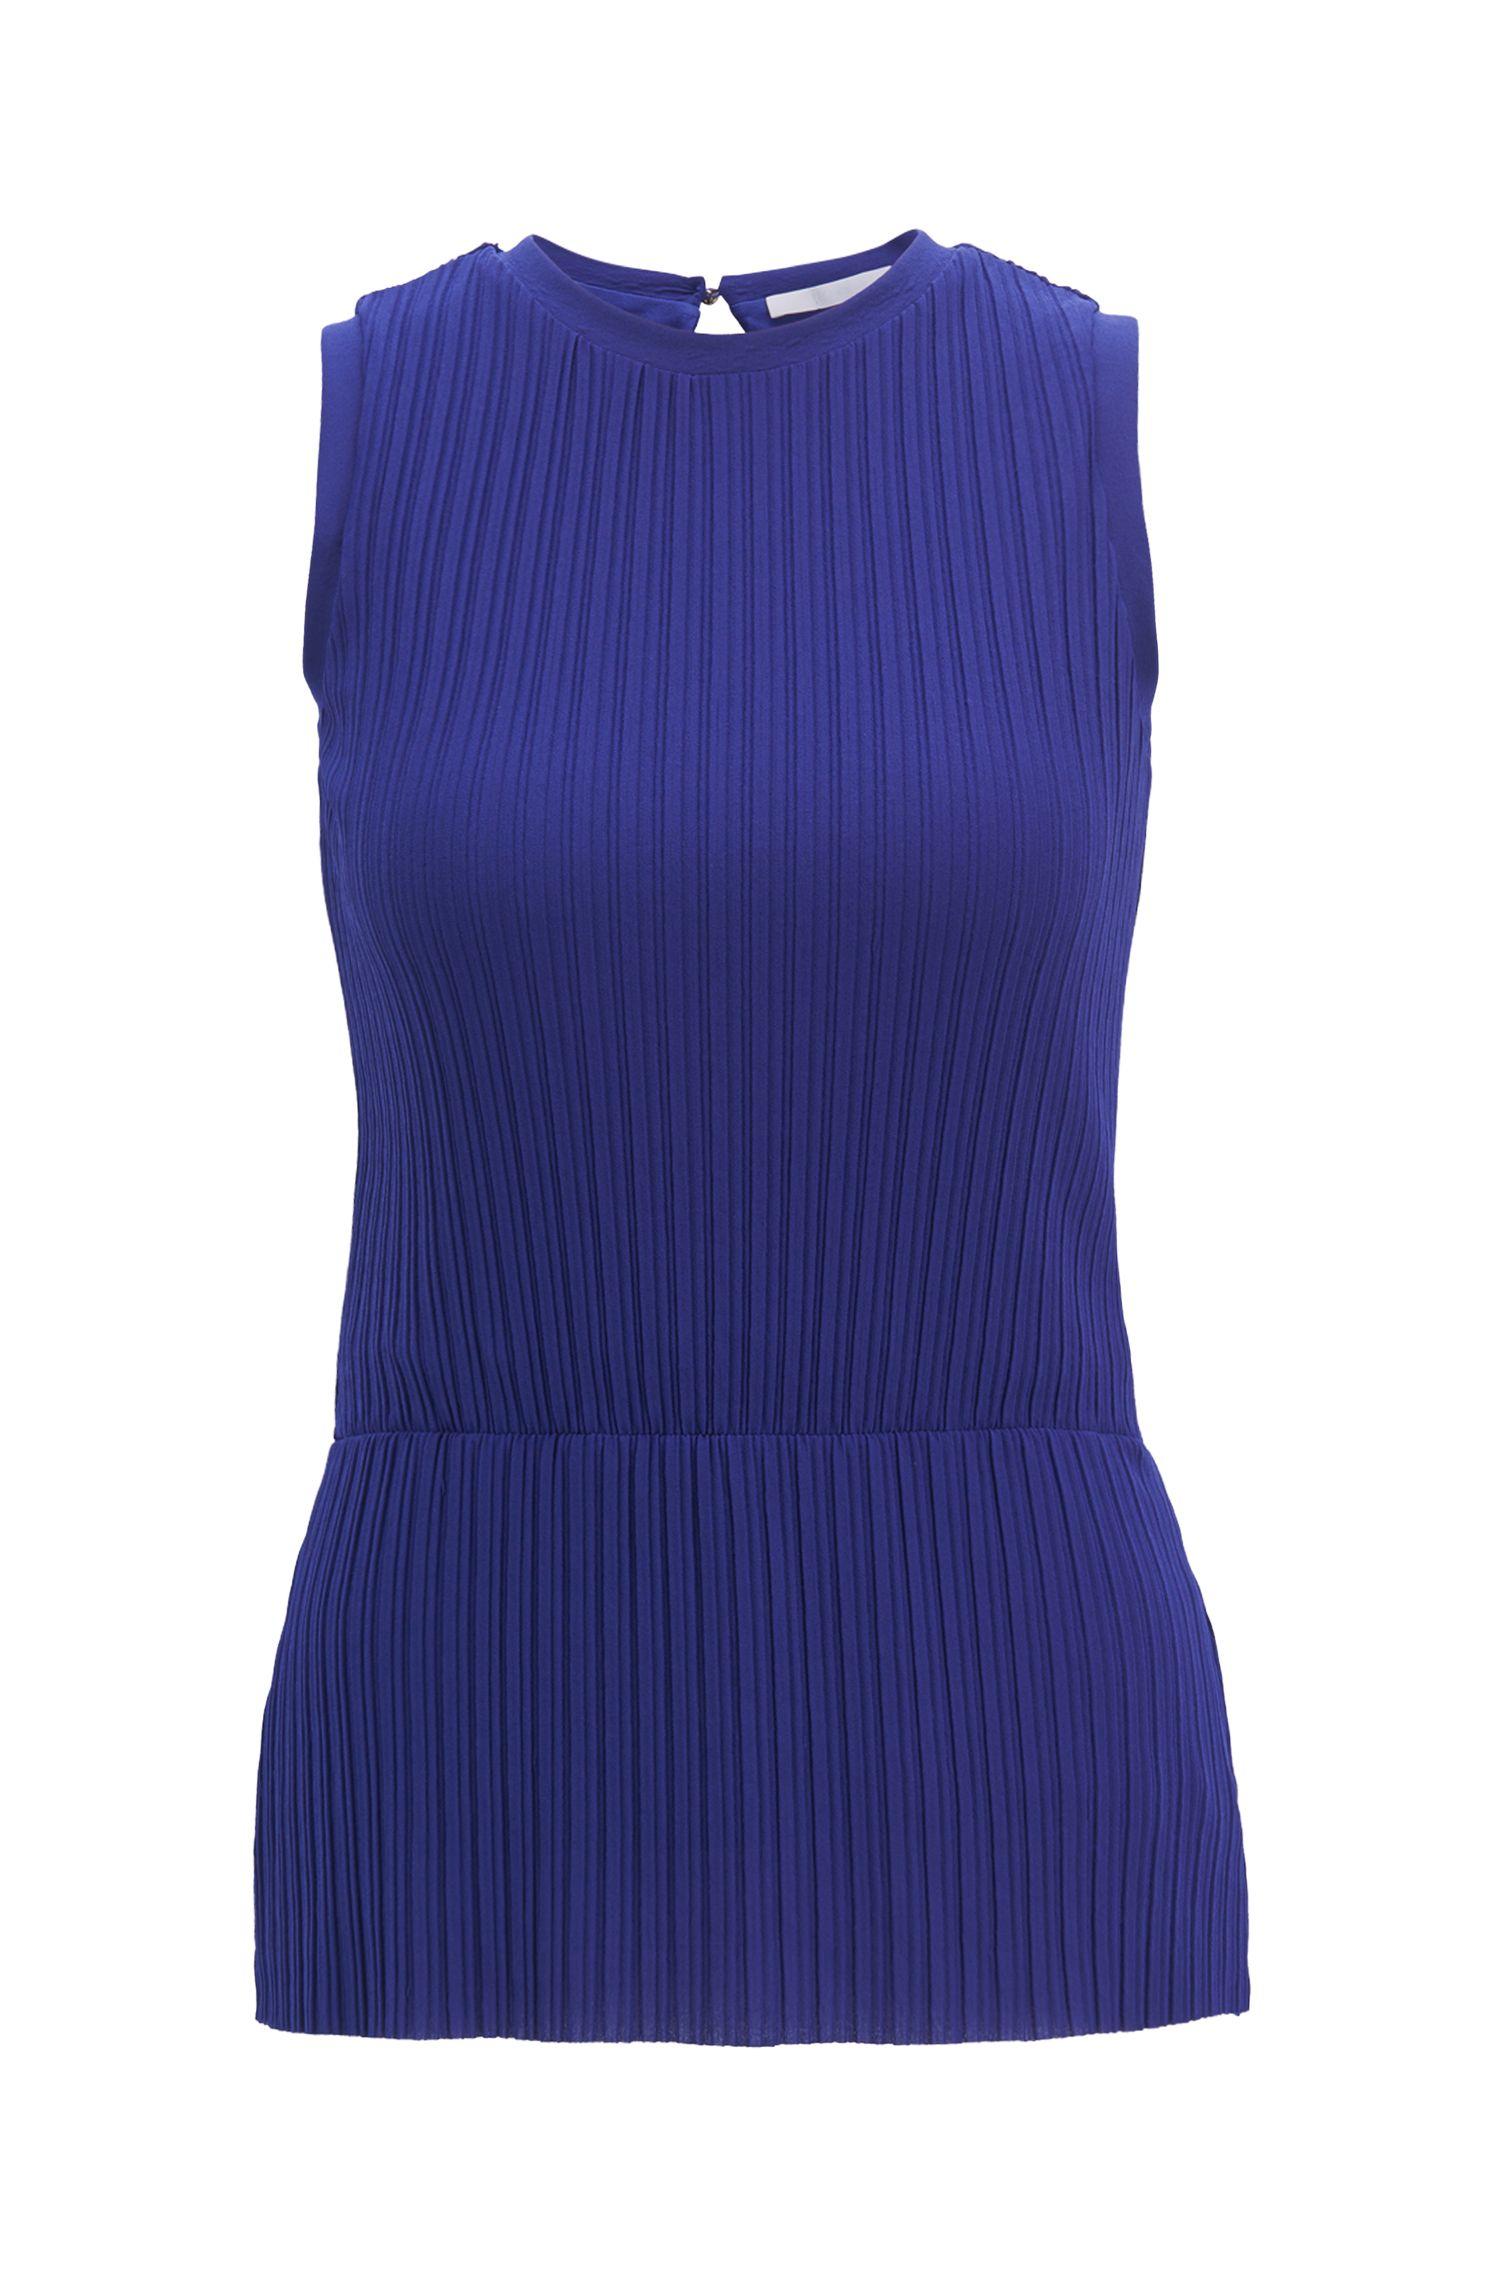 Plissé-pleat peplum top in extra-fine jersey, Open Purple